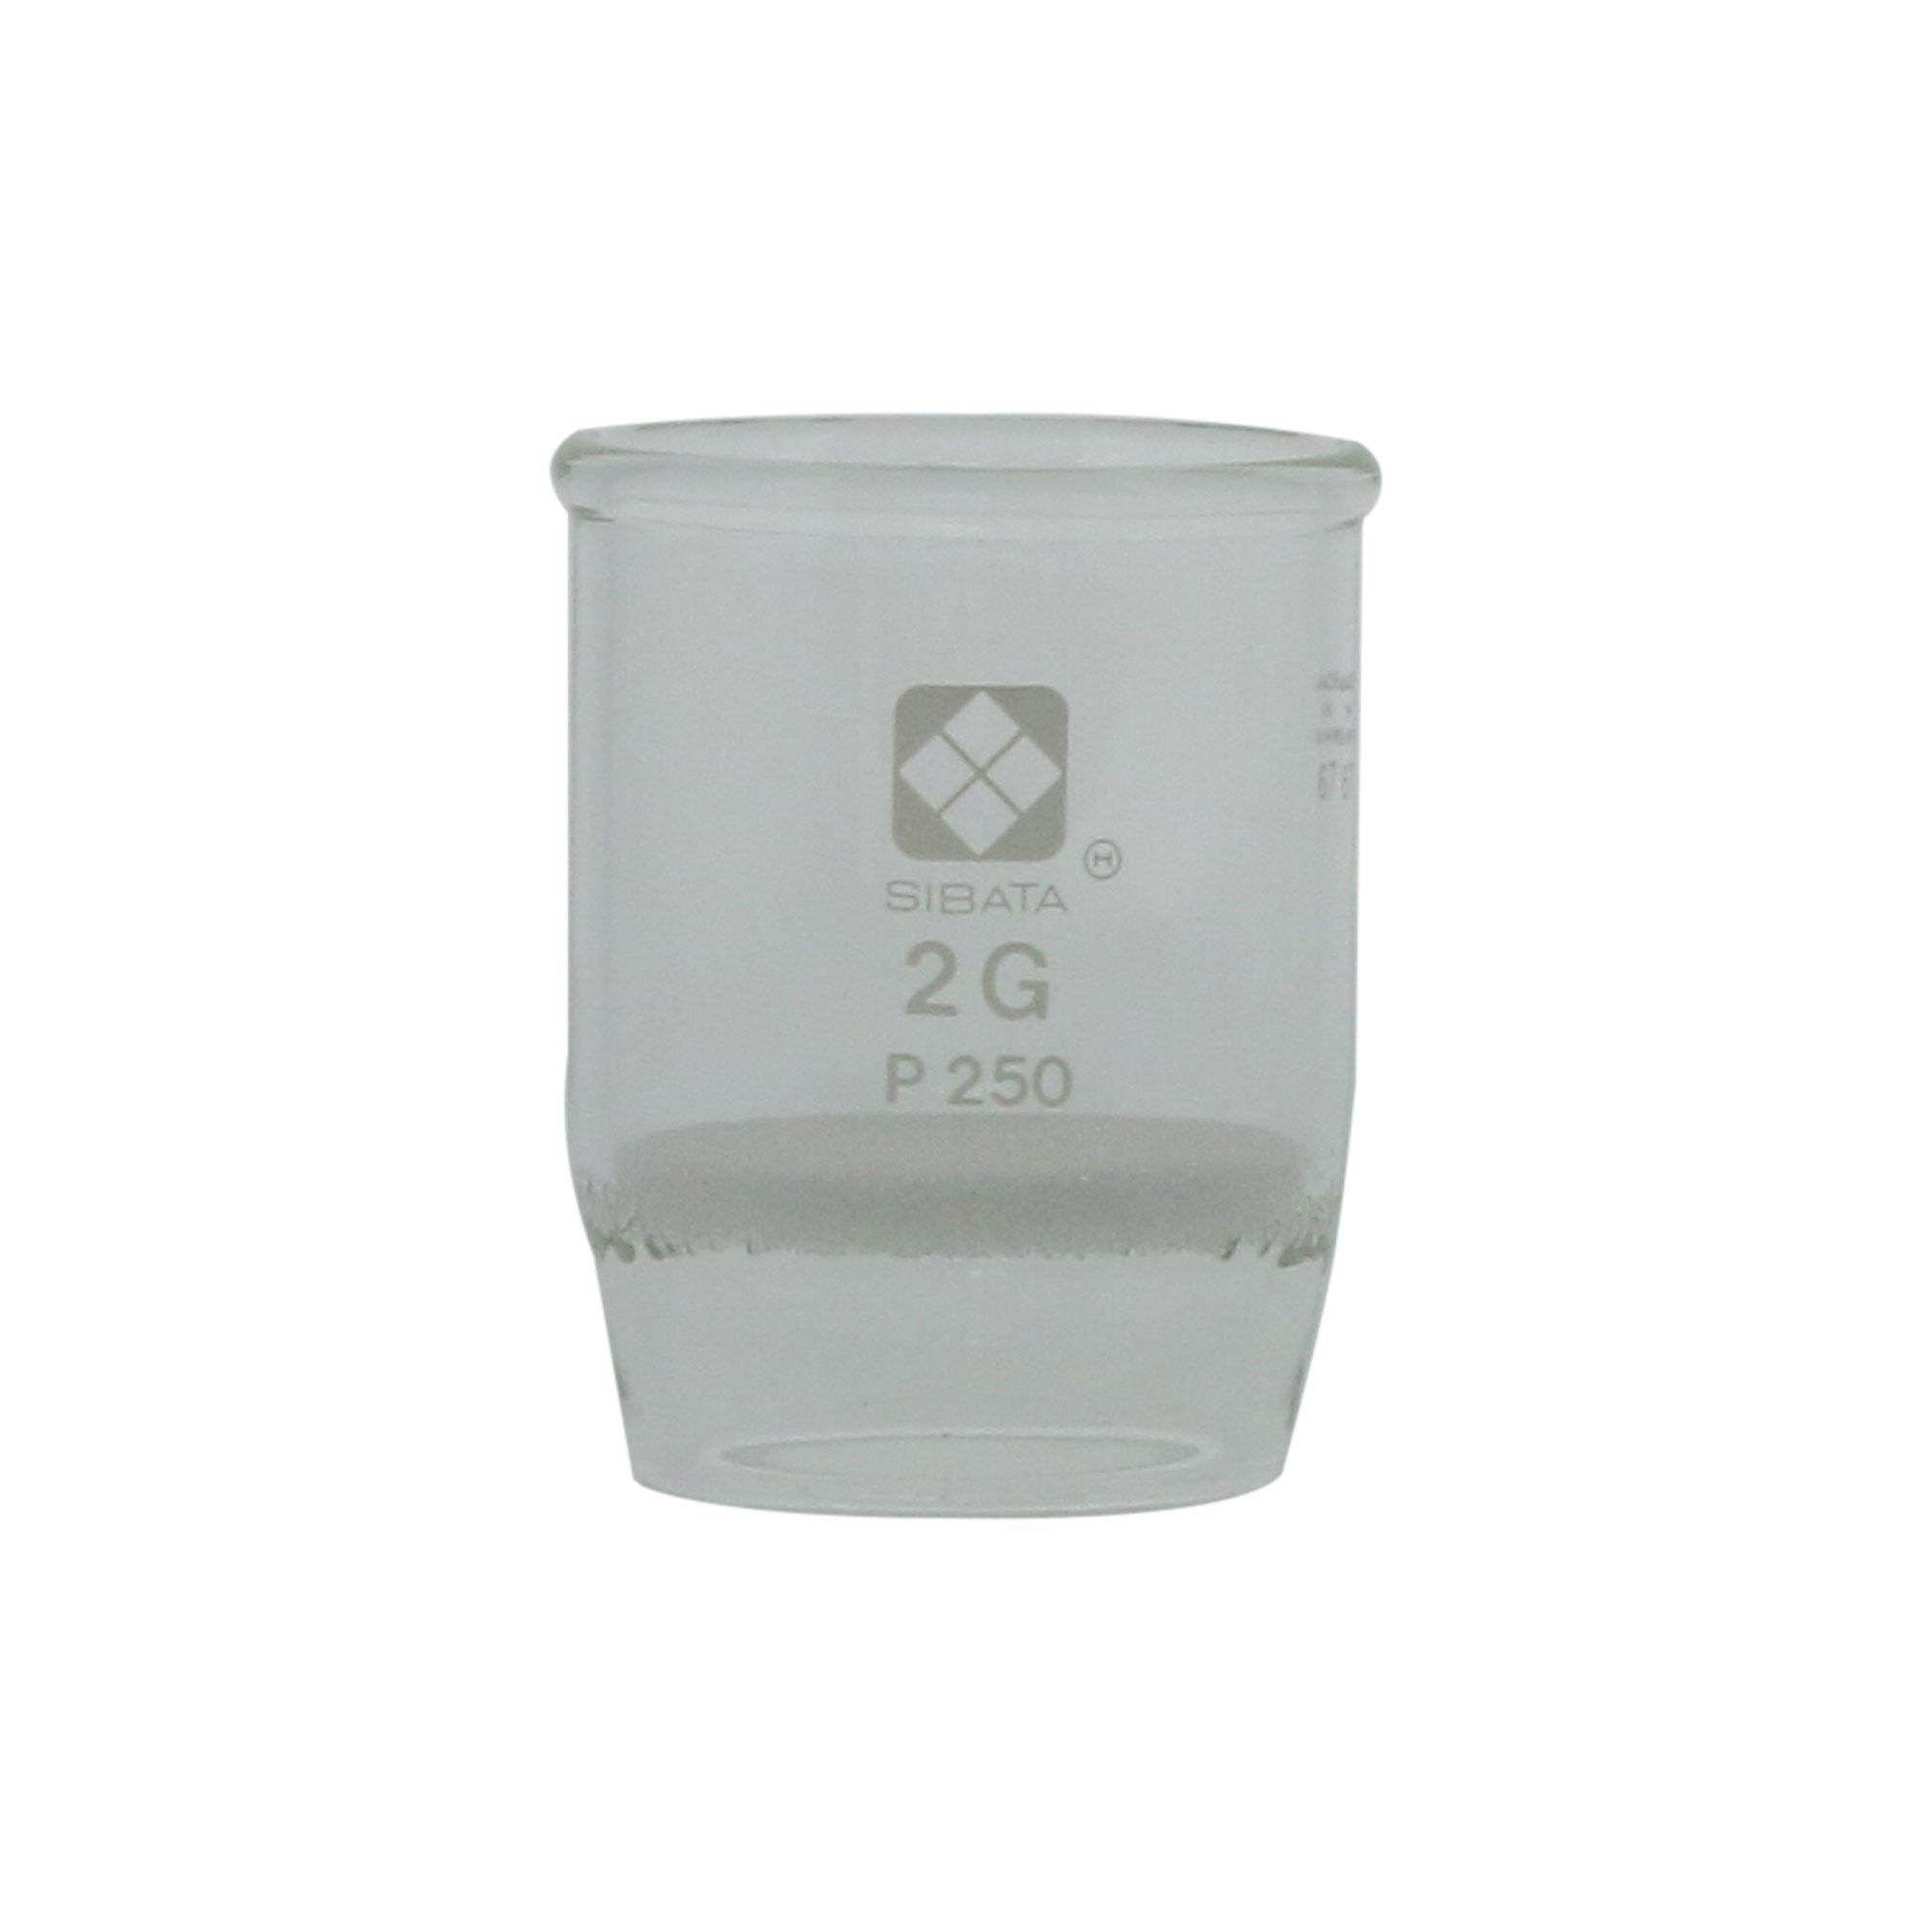 013050-2250A ガラスろ過器 2G るつぼ形 2GP250(3個) 柴田科学(SIBATA)